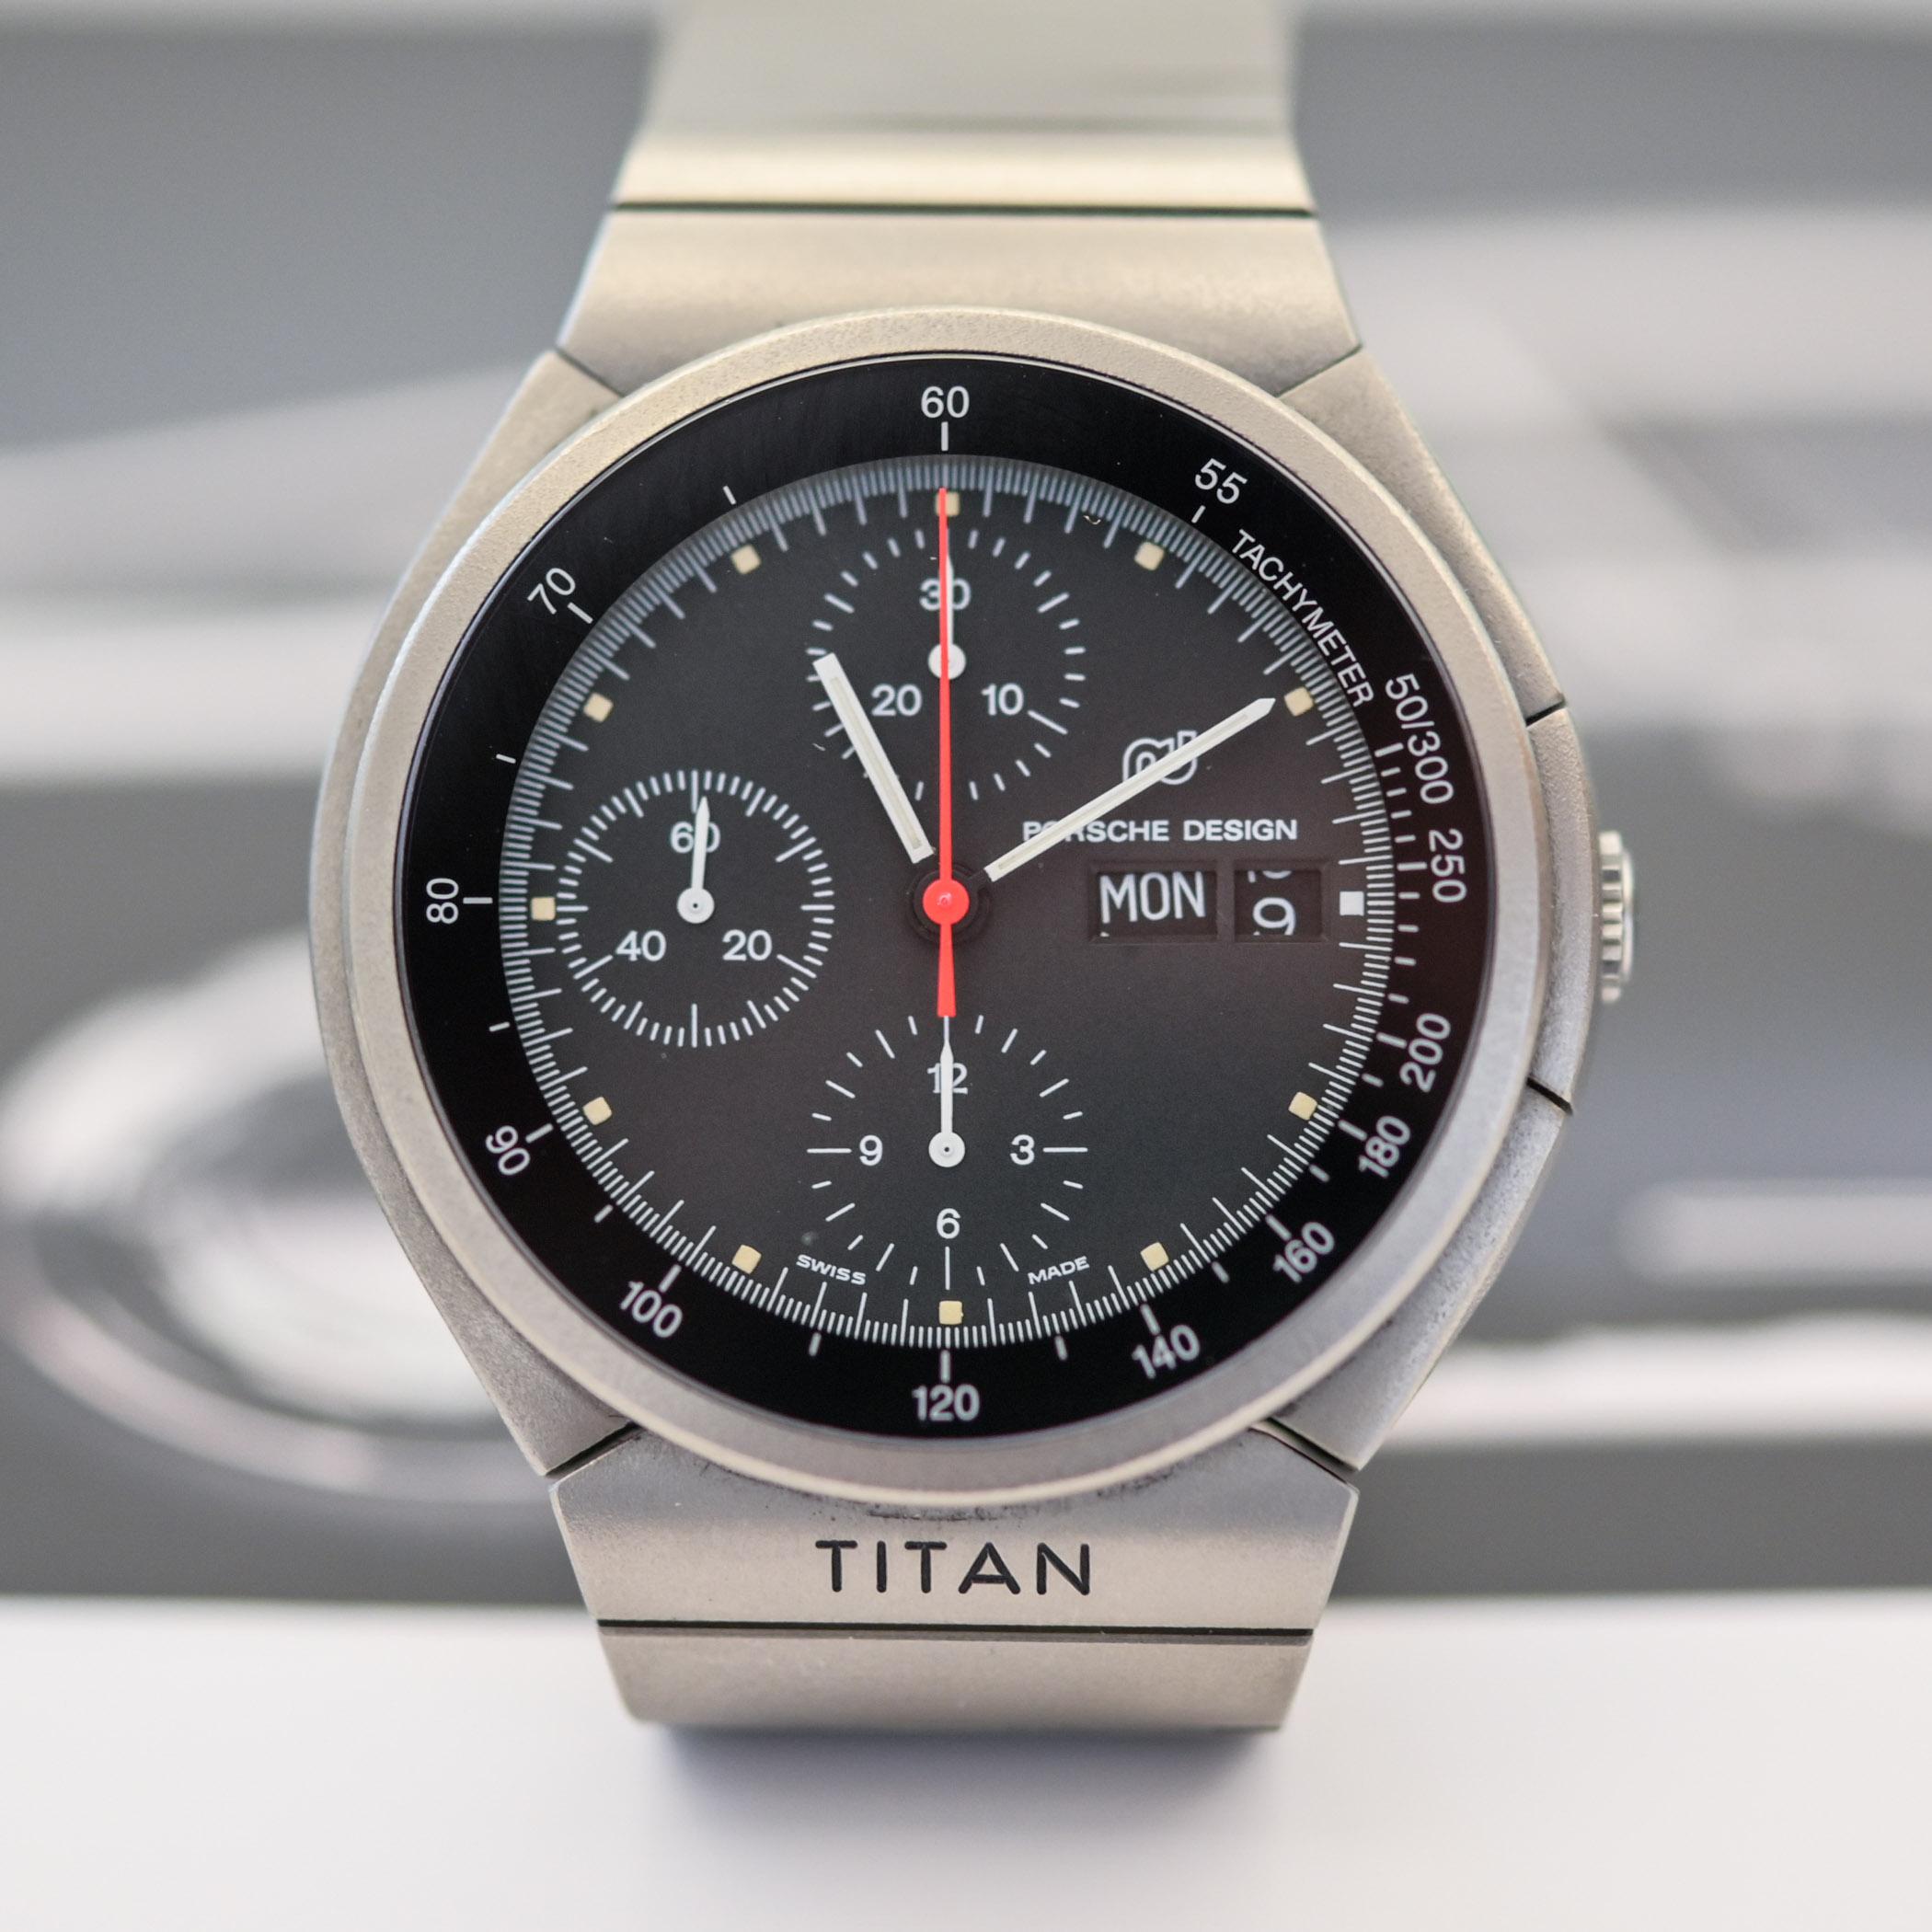 1980 Porsche Design Titan Chronograph 3700 IWC - 3